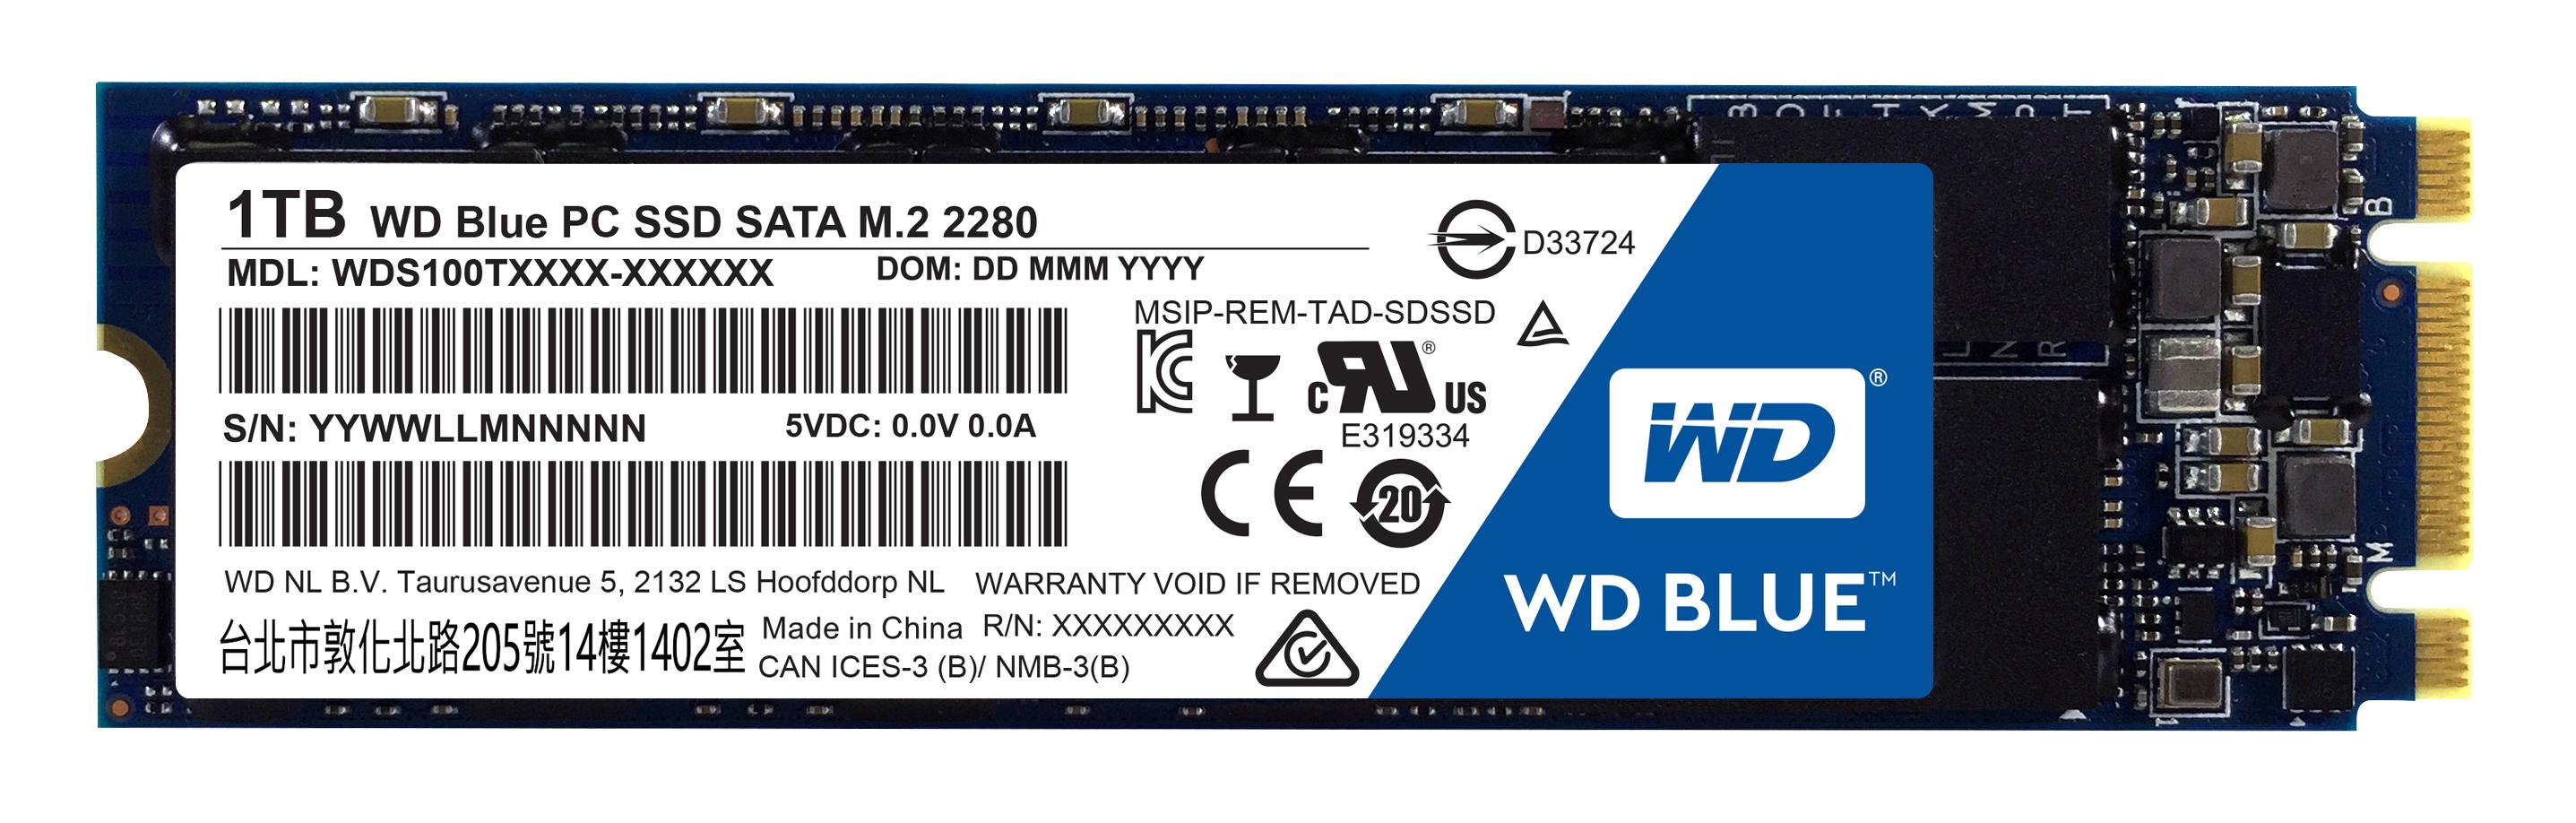 SSD 1TB WD Blue M.2 SATAIII 2280